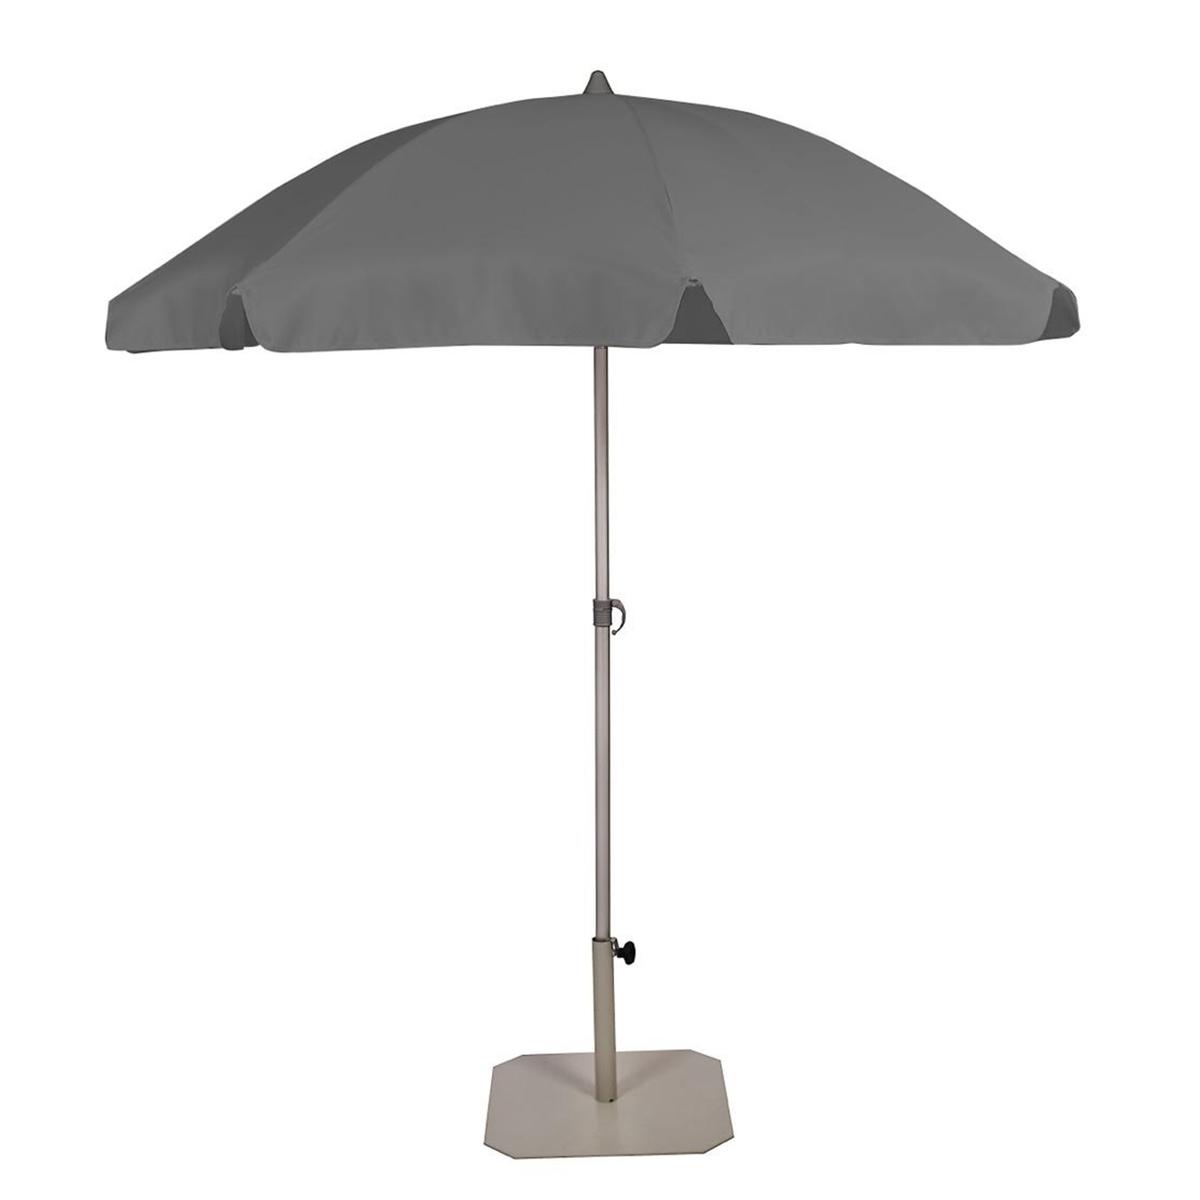 Пляжный наклонный зонт из алюминия, SUNDÉ зонт пляжный 1051 р 300см